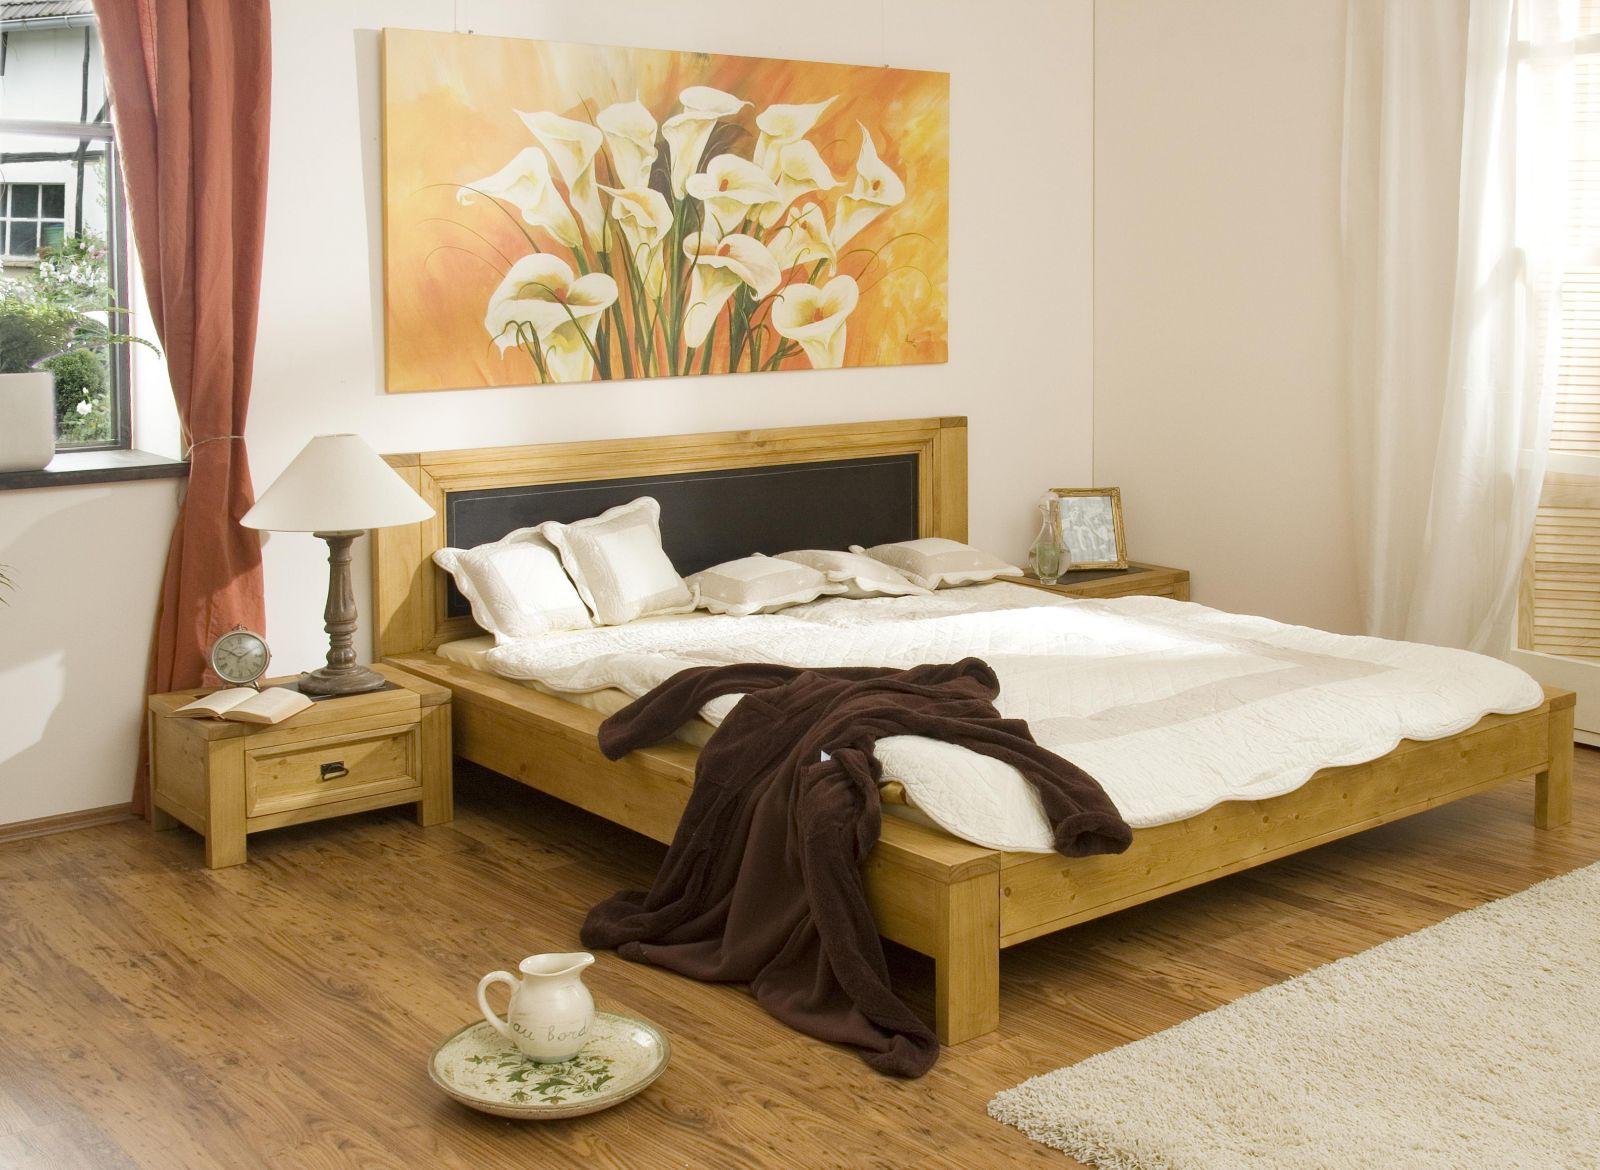 Картина с цветами в спальне по фэн-шуй